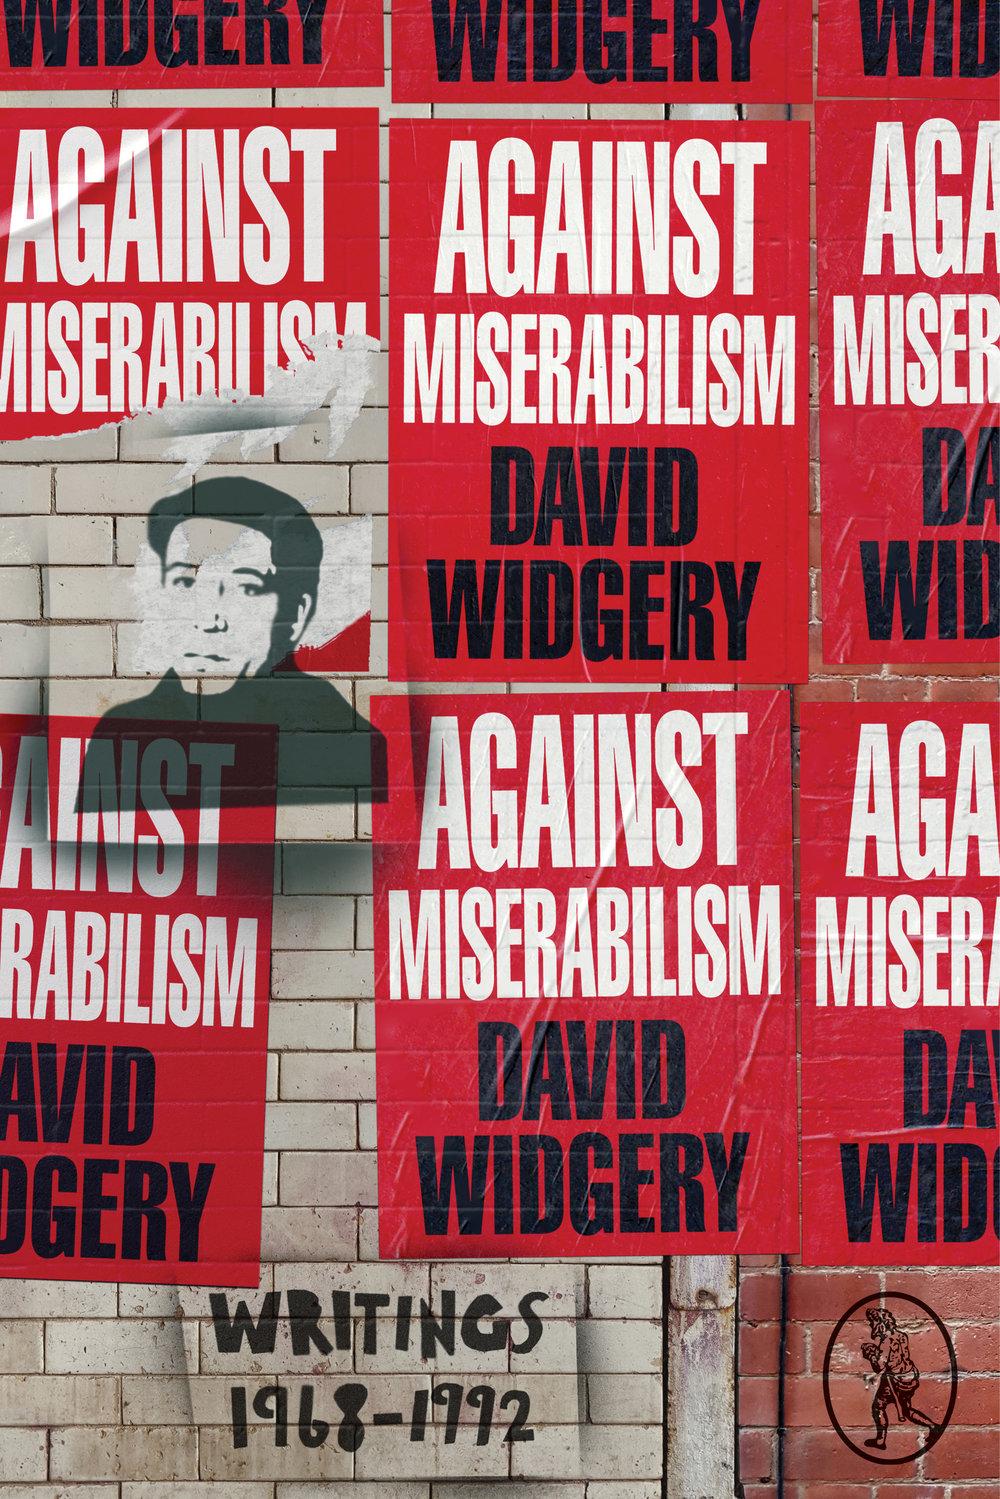 Against Miserabilism